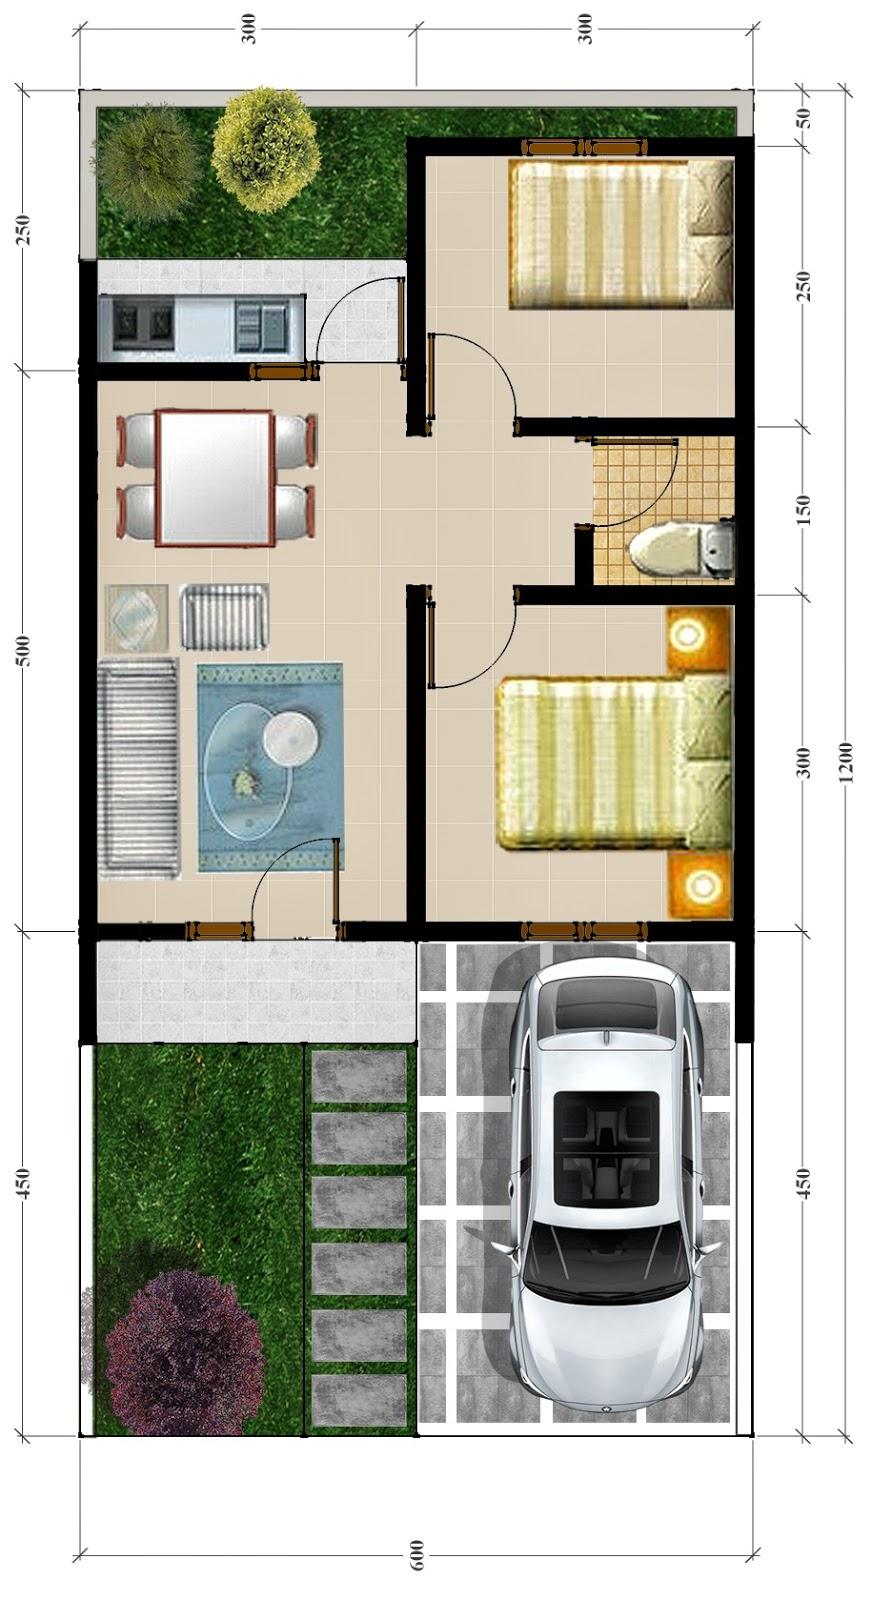 Desain Perumahan Type 40 Milik Pak Aditya Makassar Jasa Desain Rumah